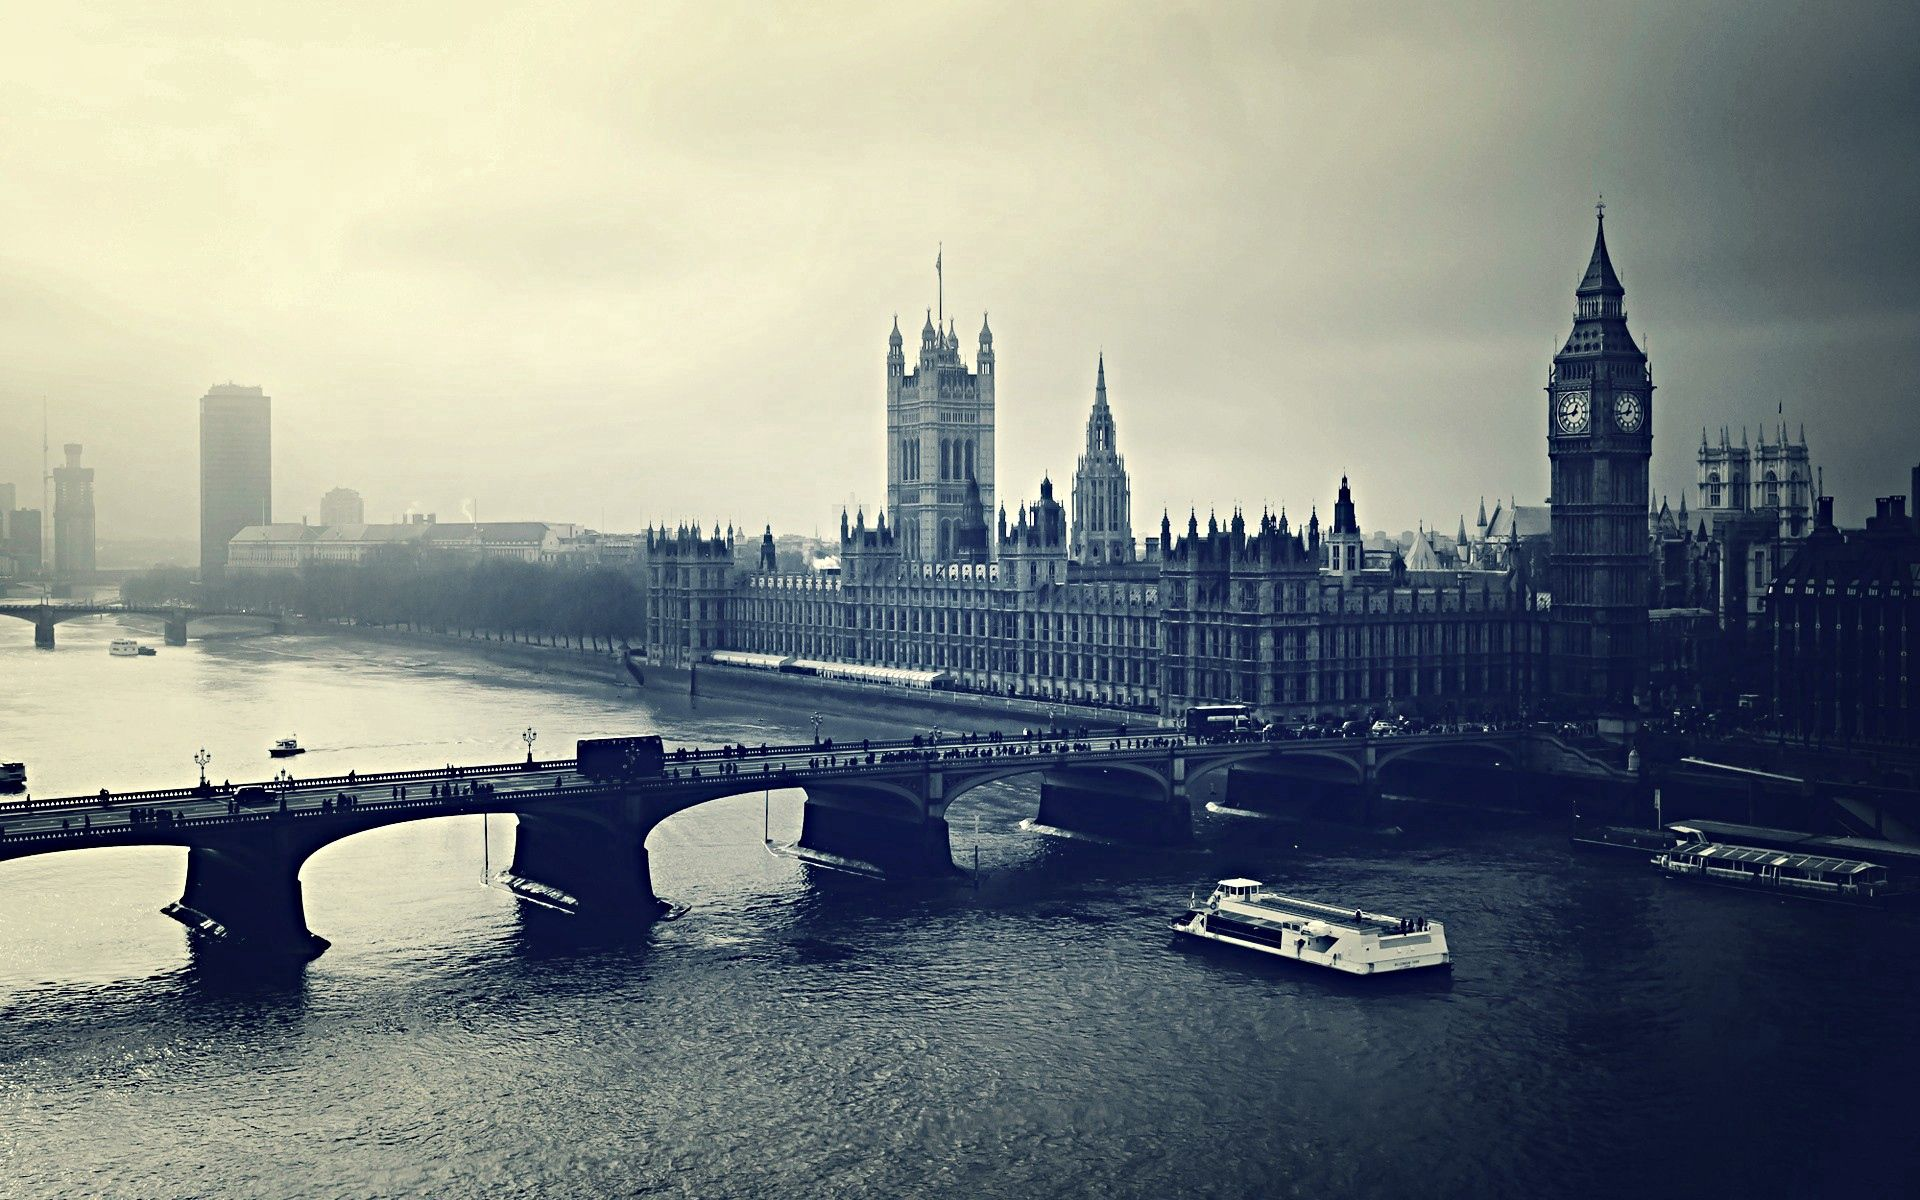 71487 Заставки и Обои Города на телефон. Скачать Города, Река, Лондон, Биг Бен (Big Ben), Здания, Вид Сверху, Вечер, Чб, Би Бен картинки бесплатно